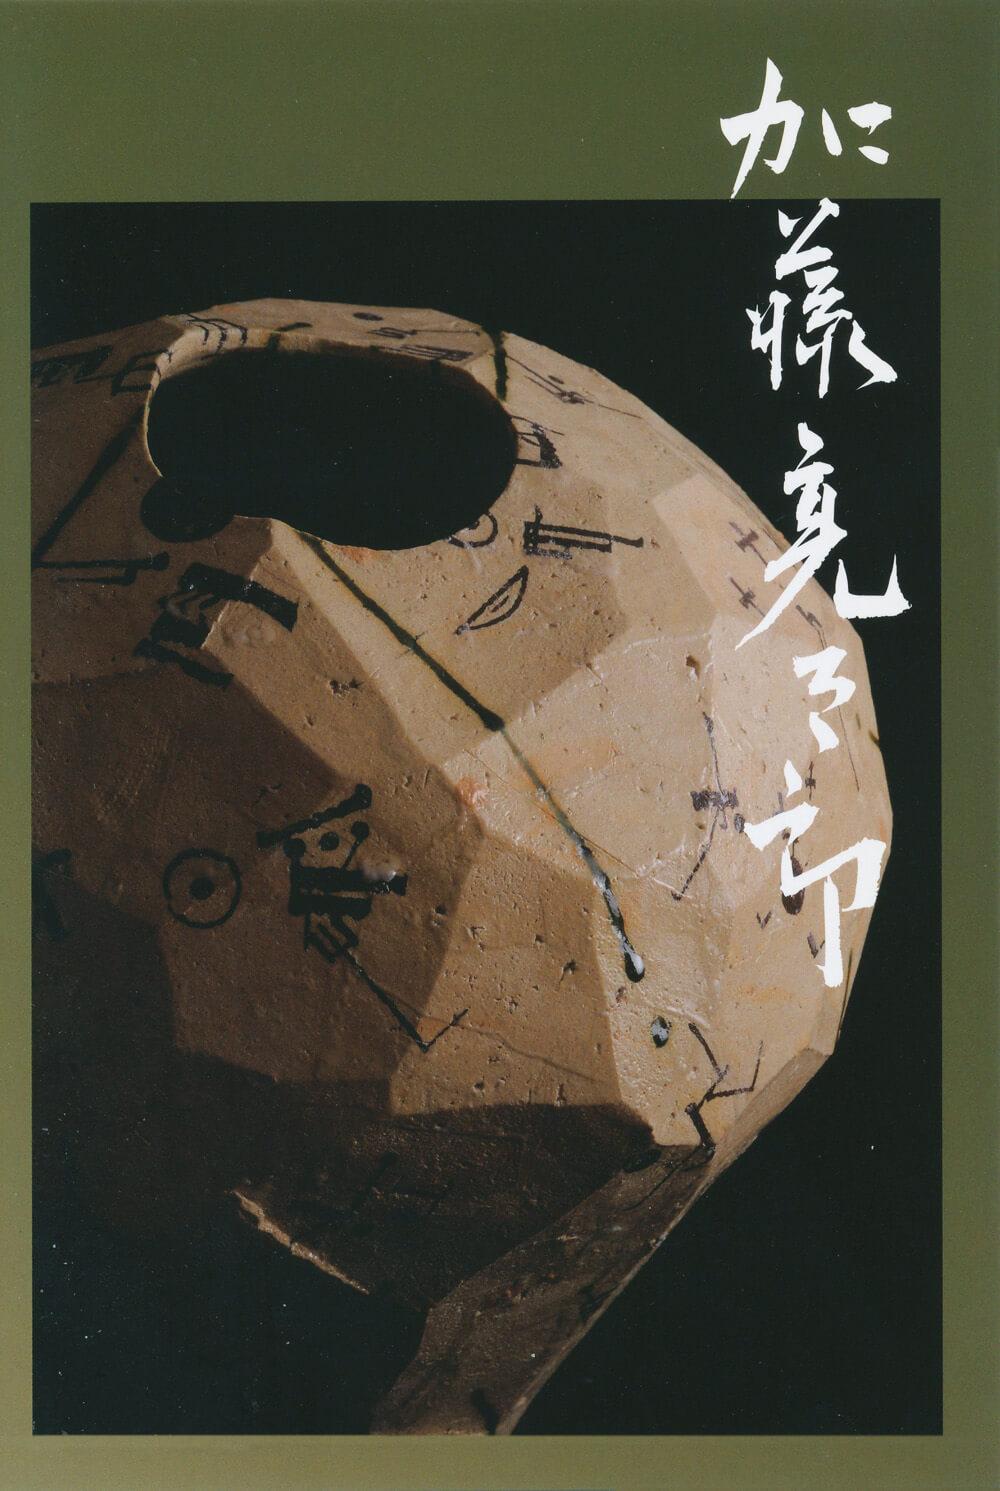 2011年6月25日から開催の「織部考 加藤 亮太郎 陶展」の加藤 亮太郎の作品DMの画像